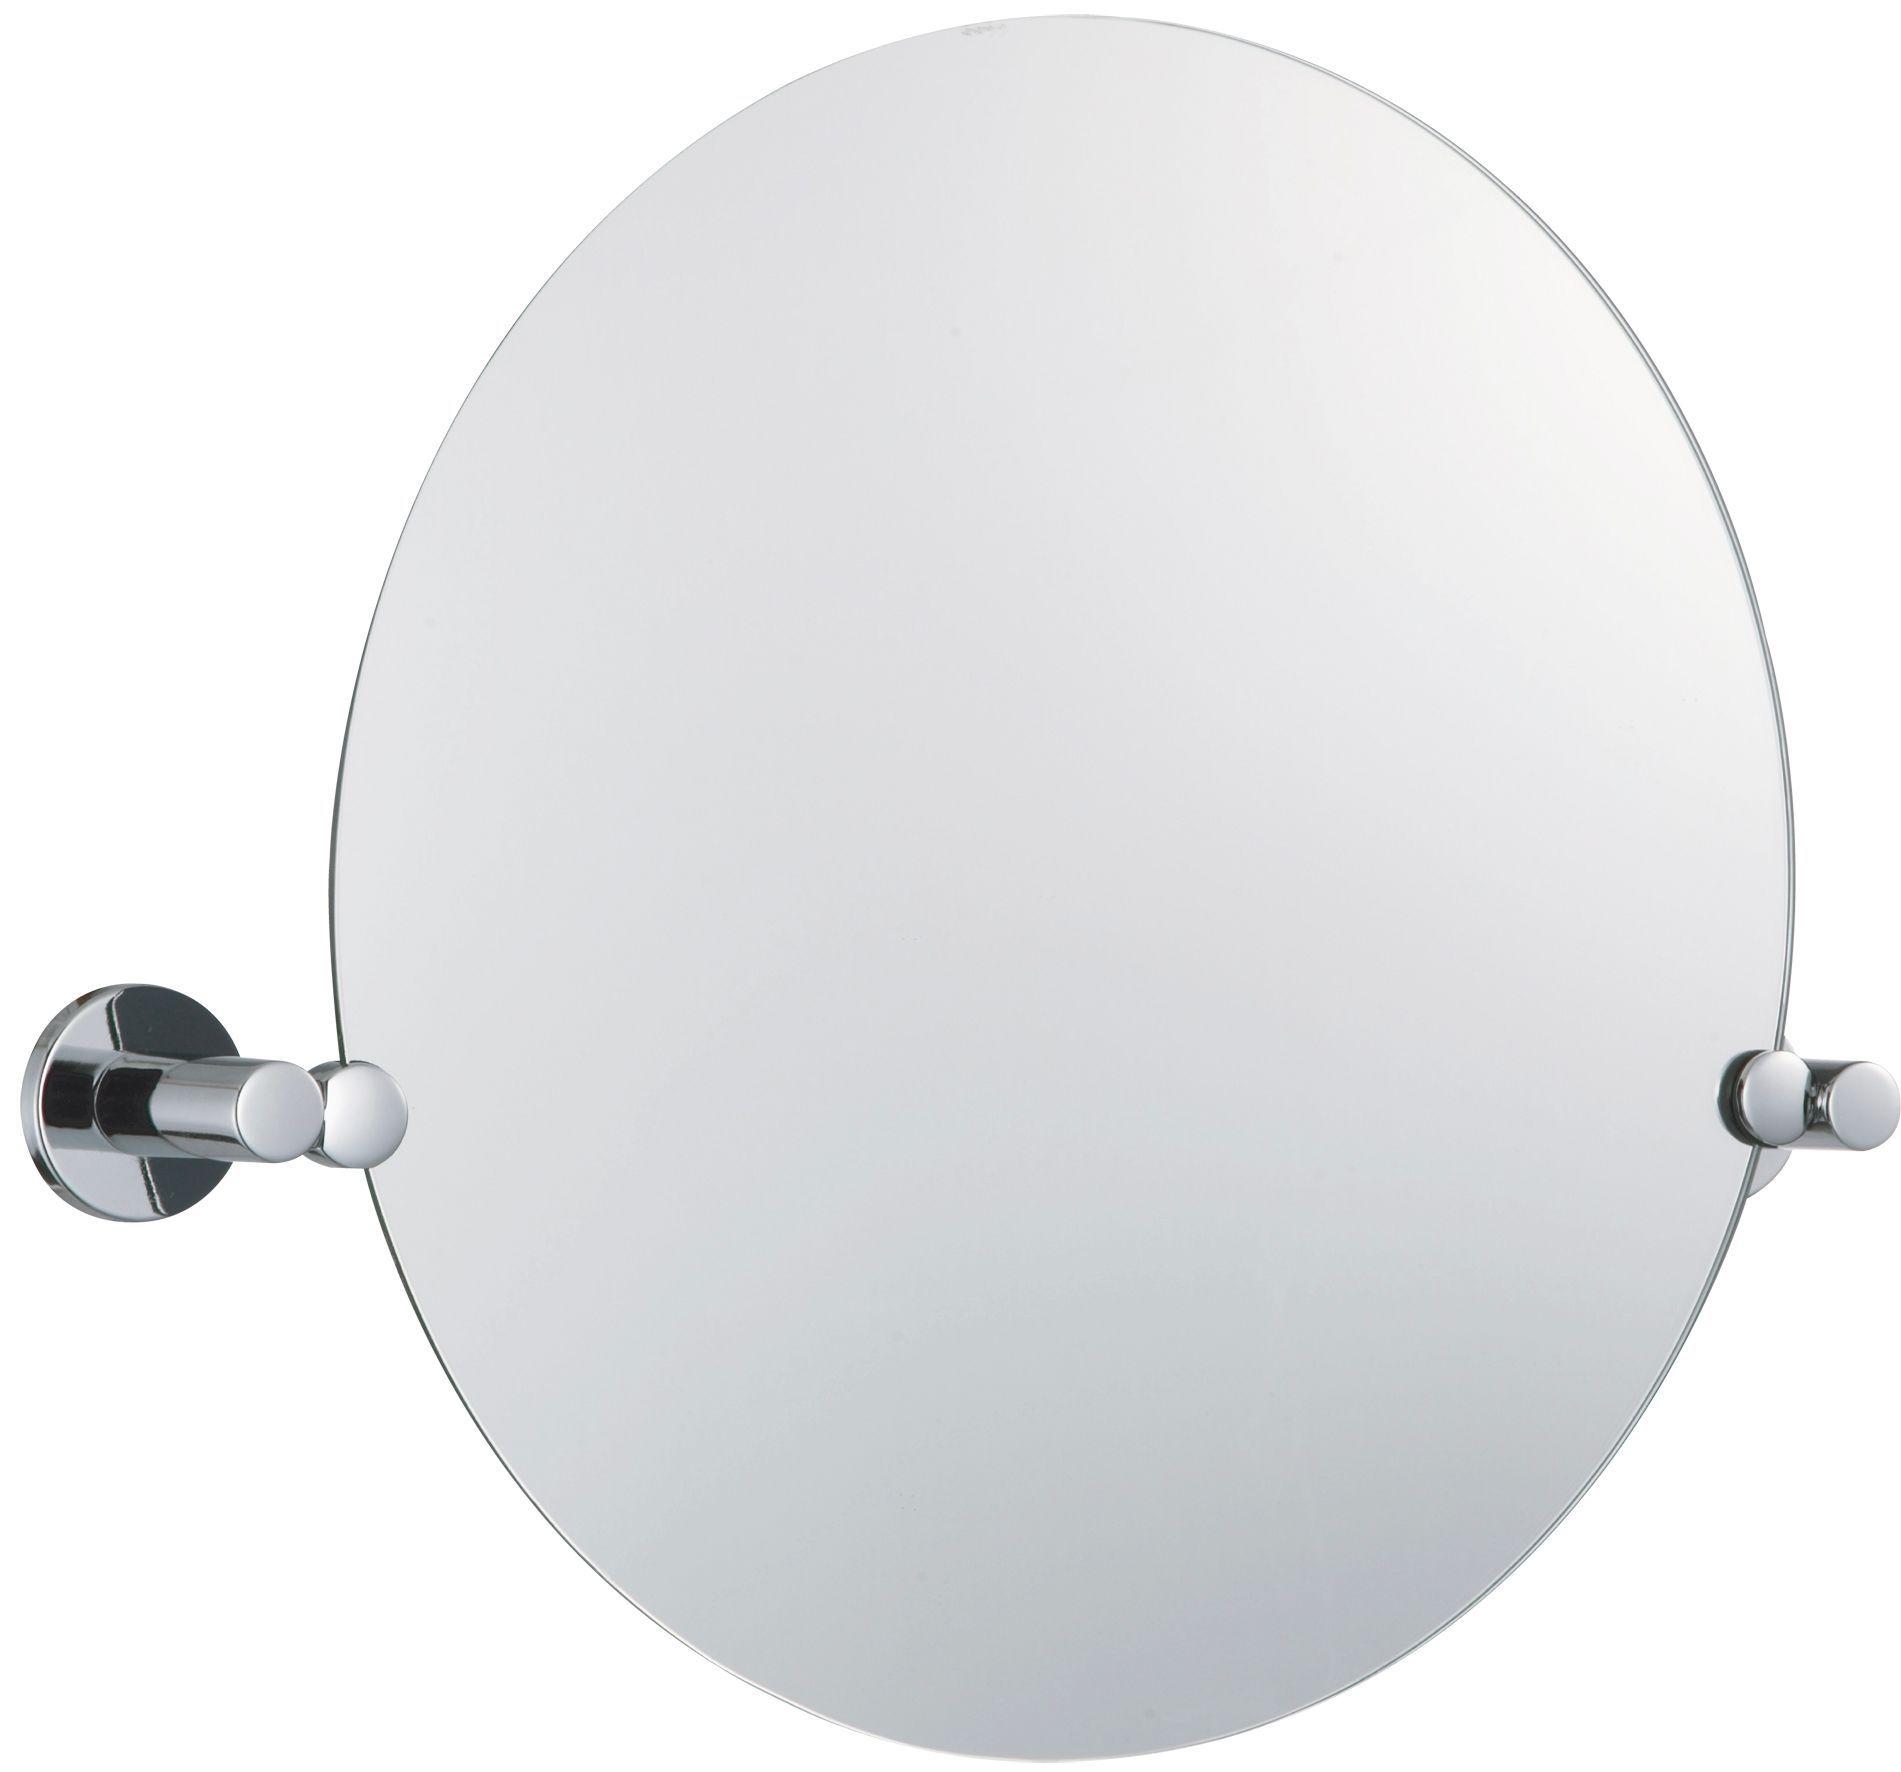 Bathroom Mirrors B&Q b&q cirque circular wall mirror (w)450mm (h)550mm | departments